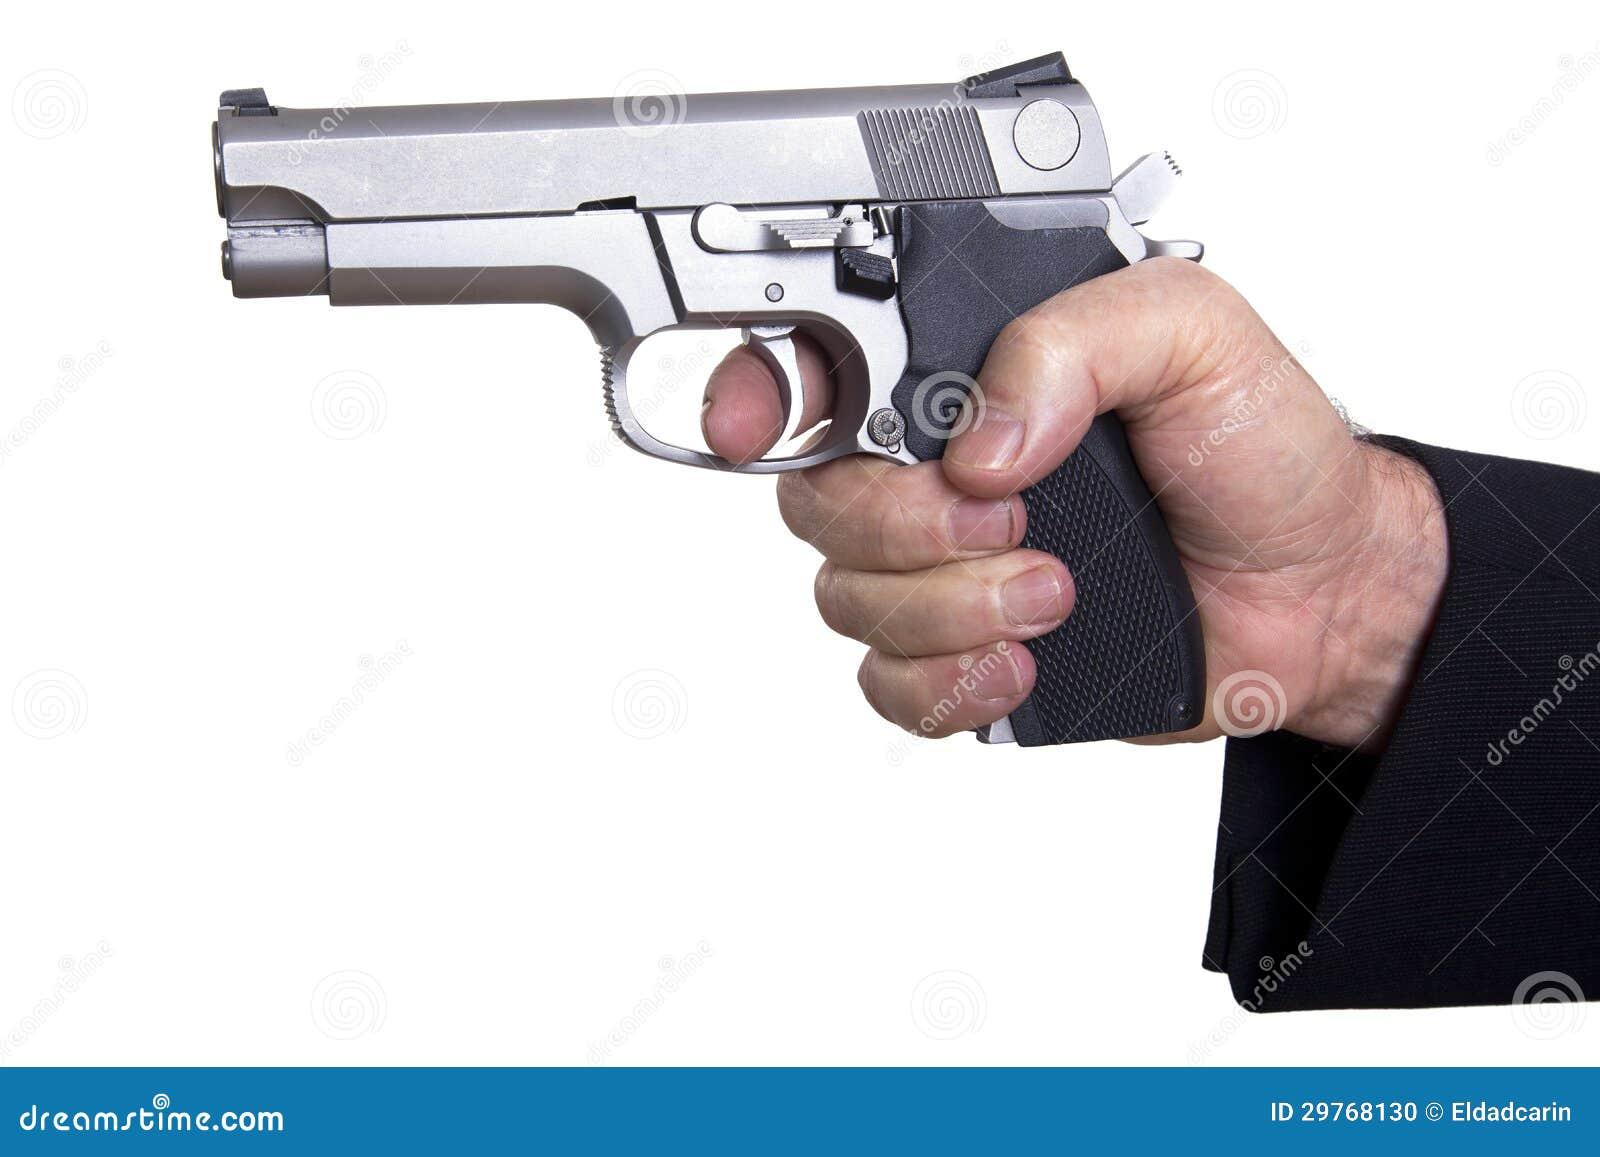 Aiming Loaded Gun - Close Up Stock Photo - Image: 29768130